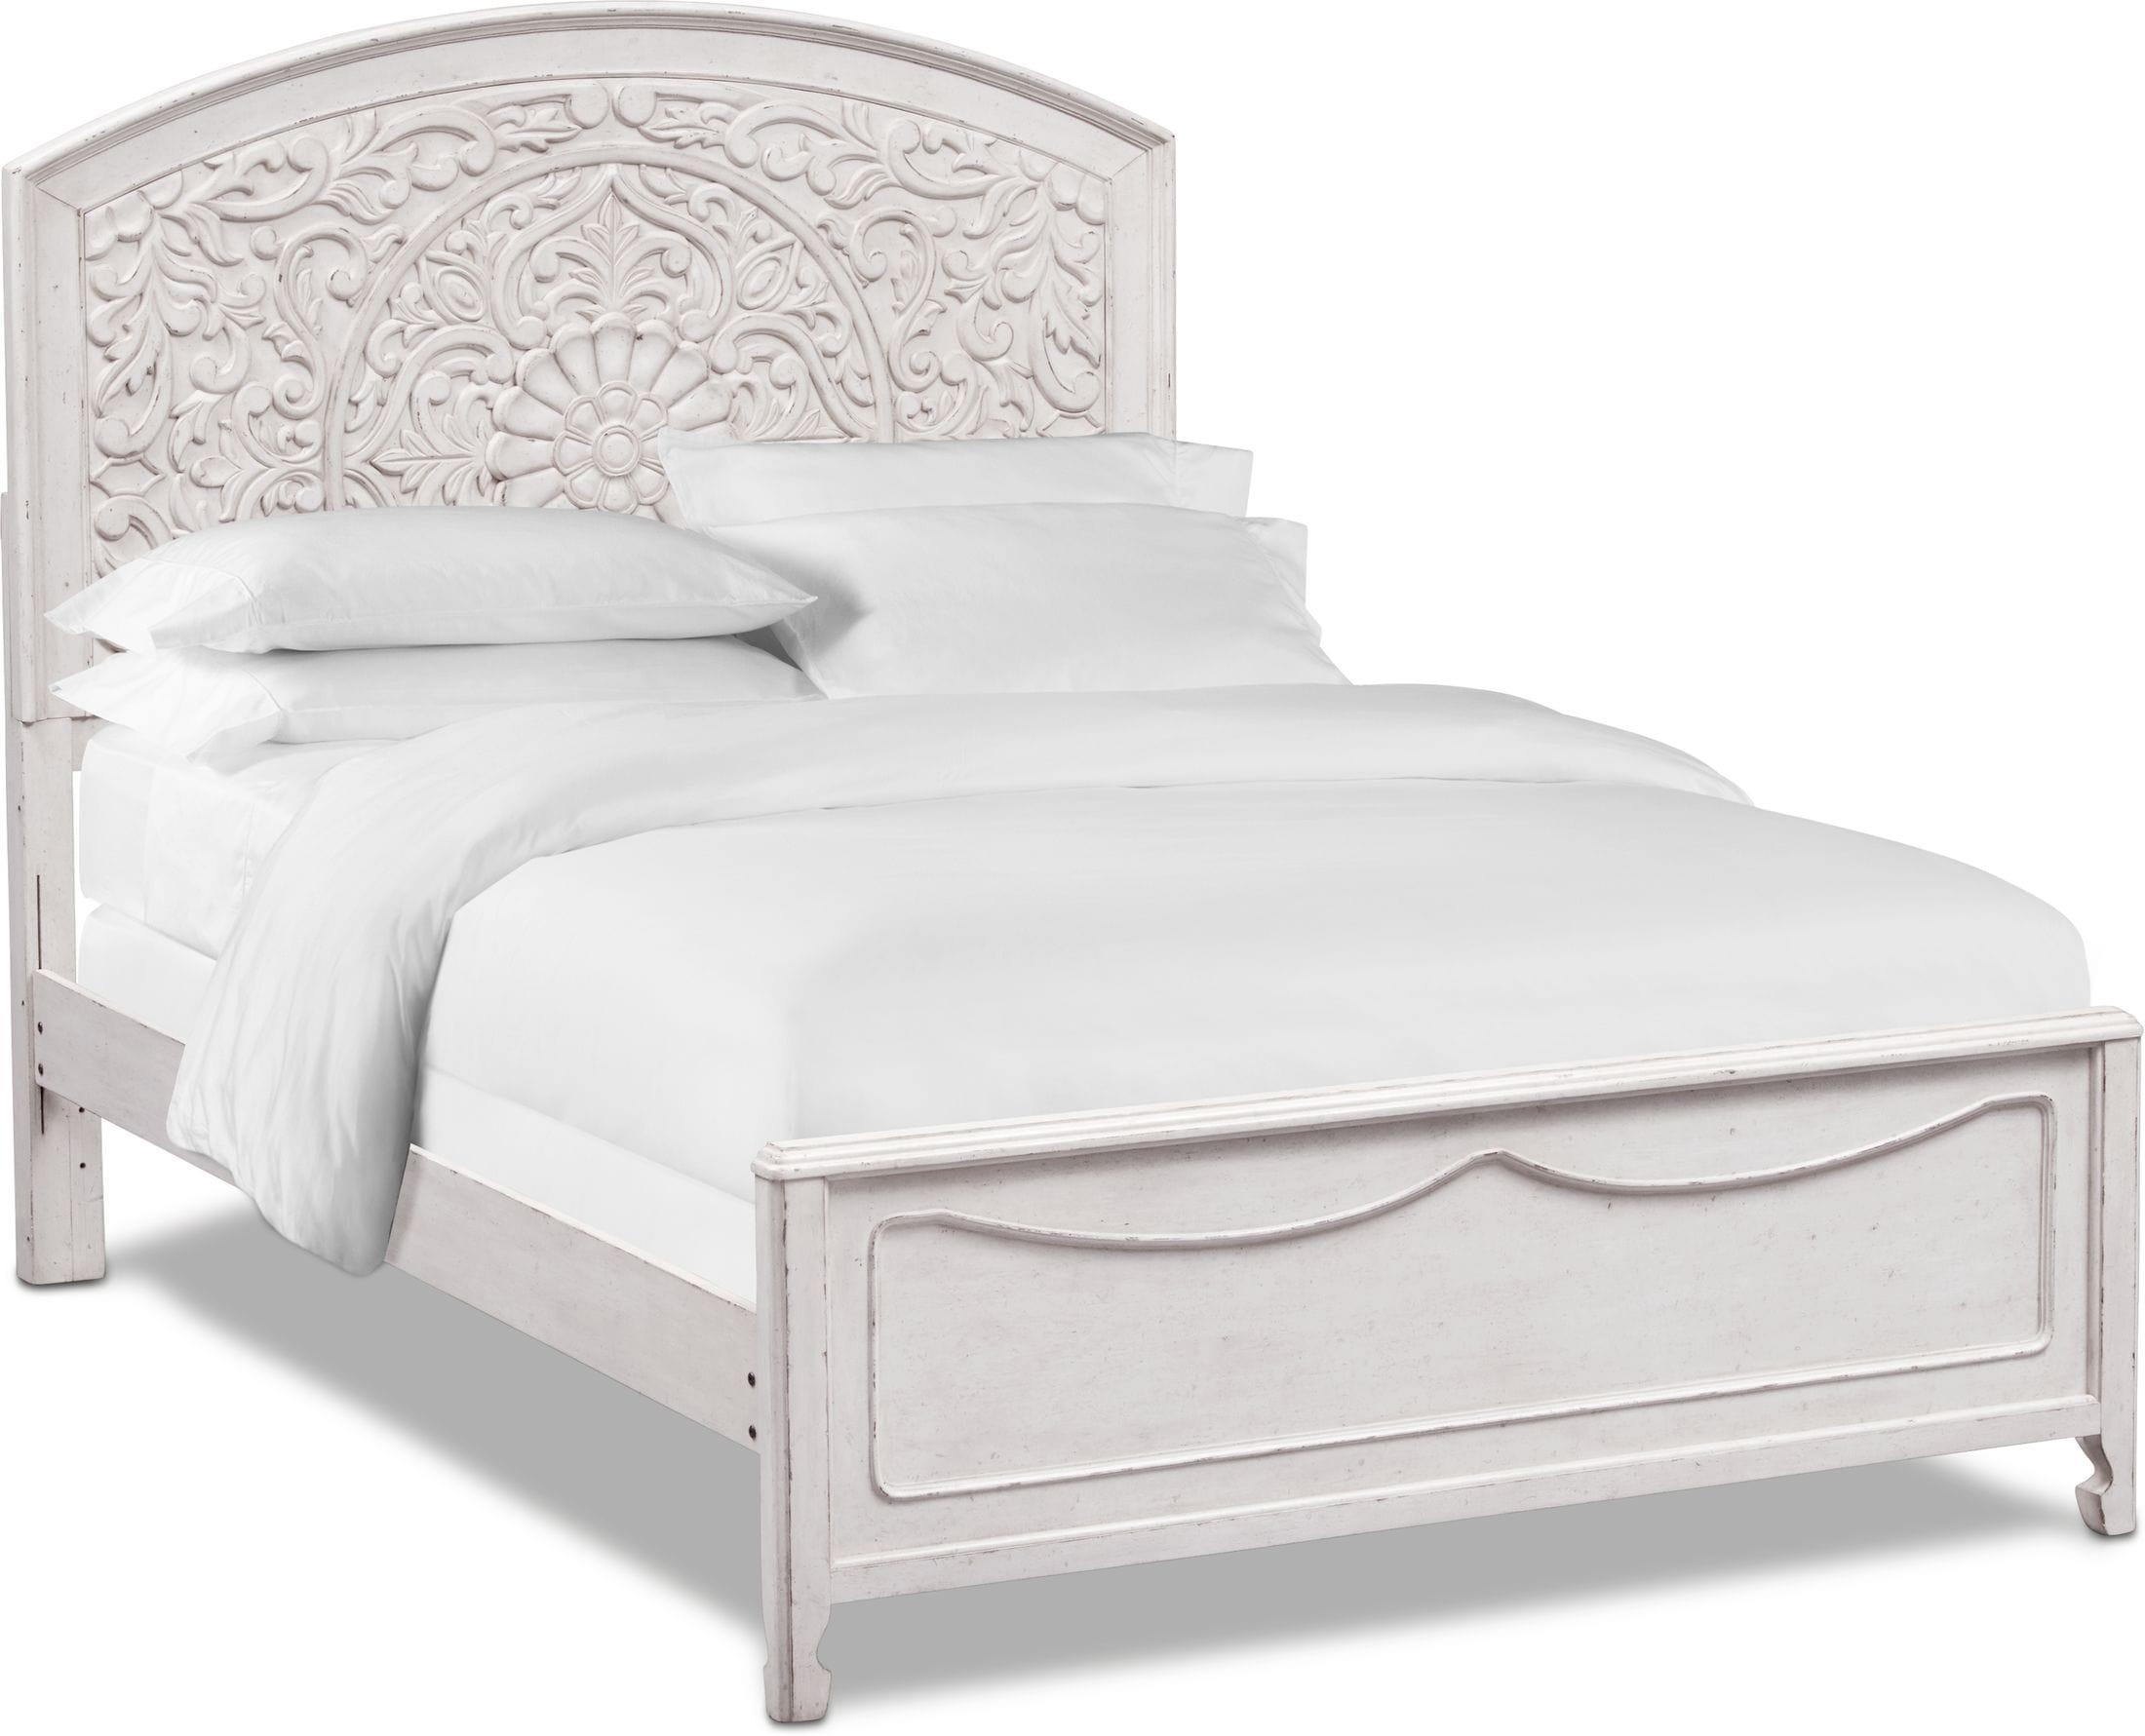 Bedroom Furniture - Florence Bed